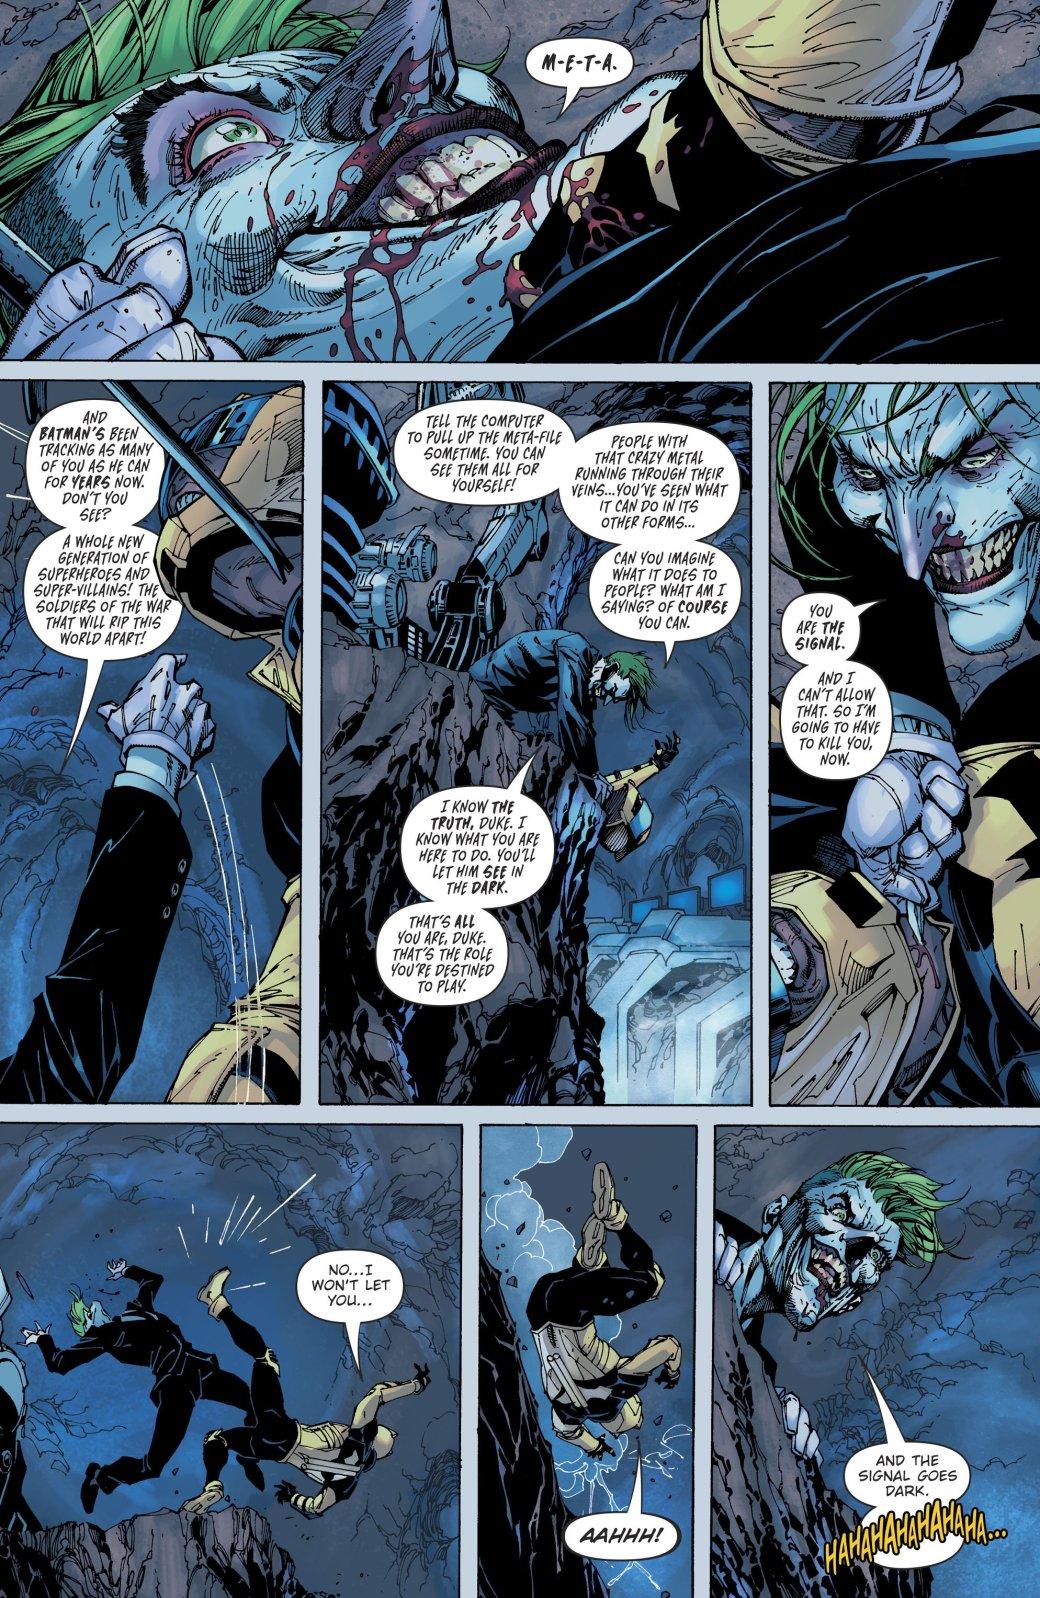 В комиксах DC назревает новый кризис, и виноват в нем Бэтмен